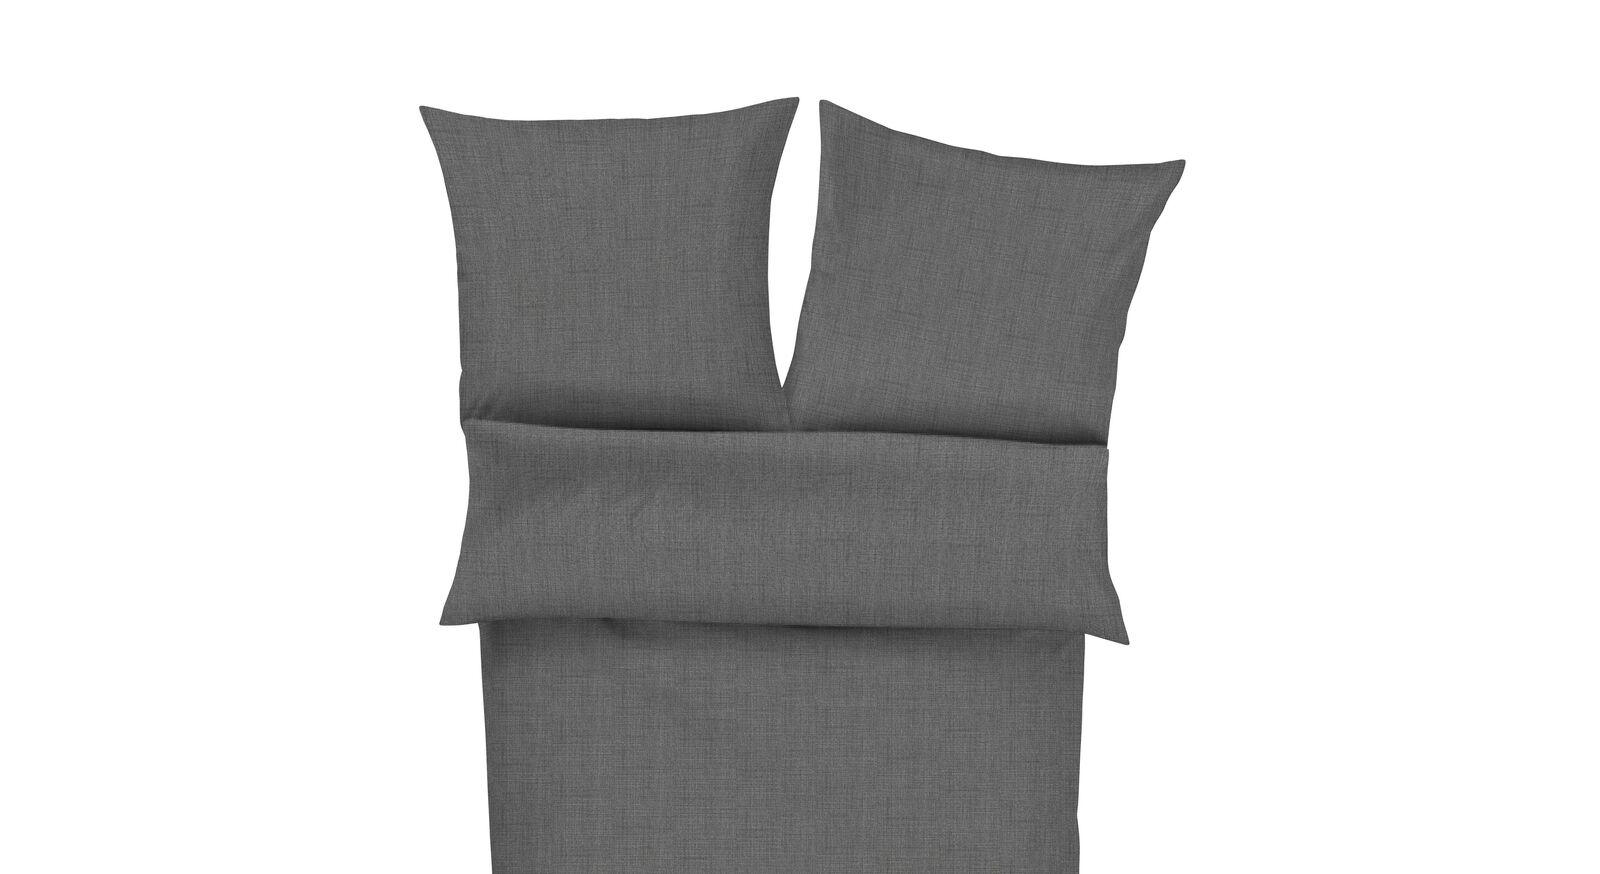 Sommer-Winter-Bettwäsche aus hochwertigem Material